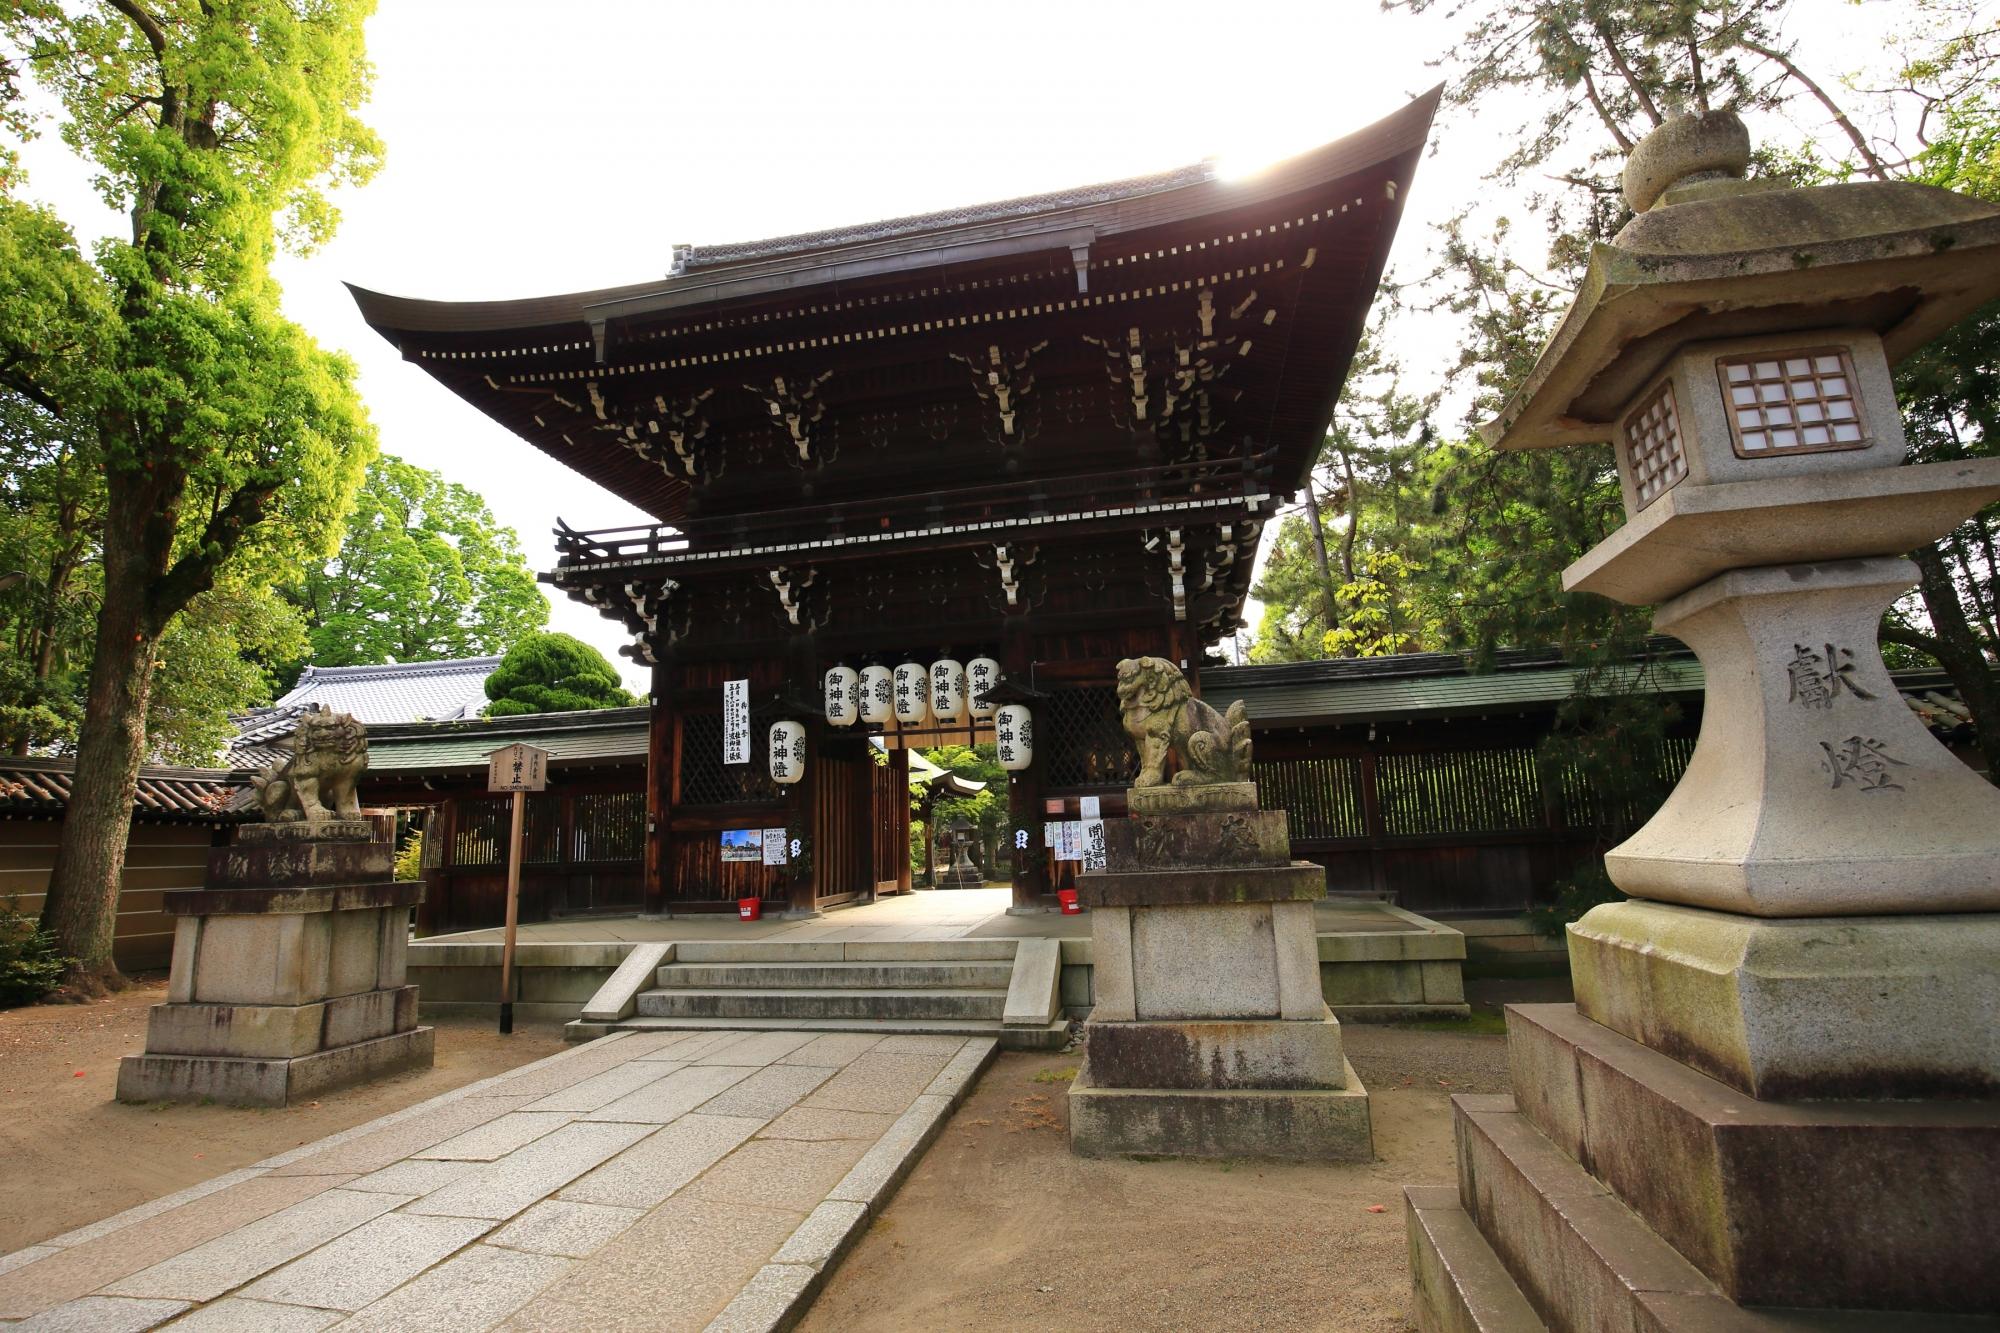 厳かな雰囲気の中に佇む上御霊神社の西楼門